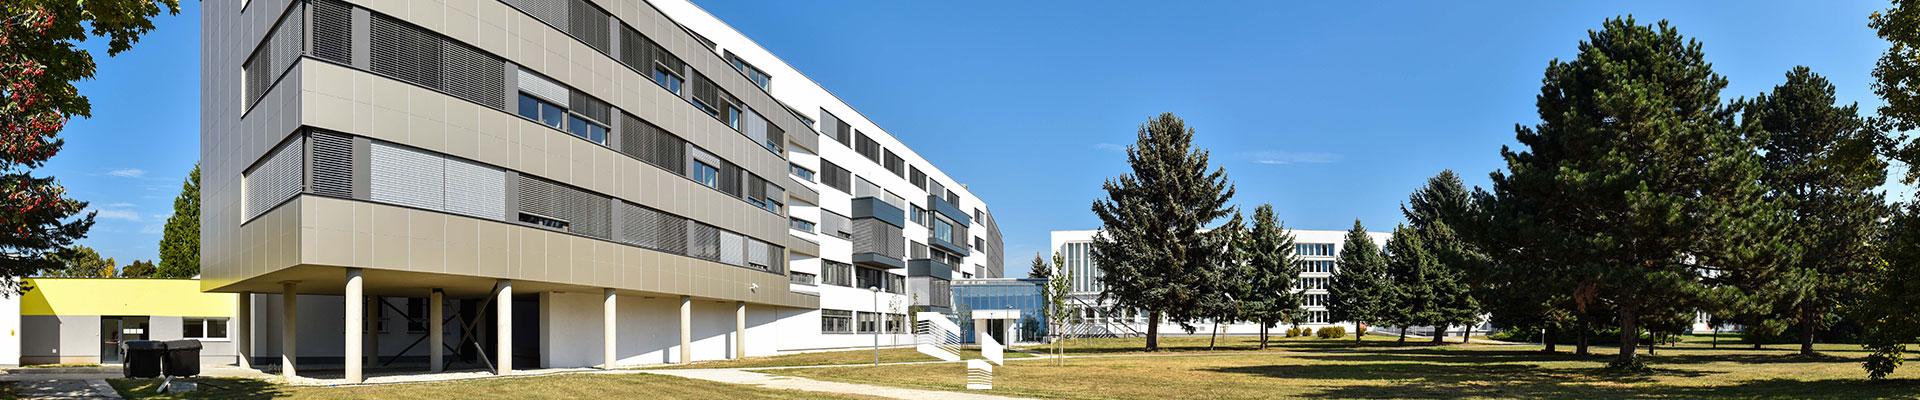 slider-ref-campus-tt.jpg